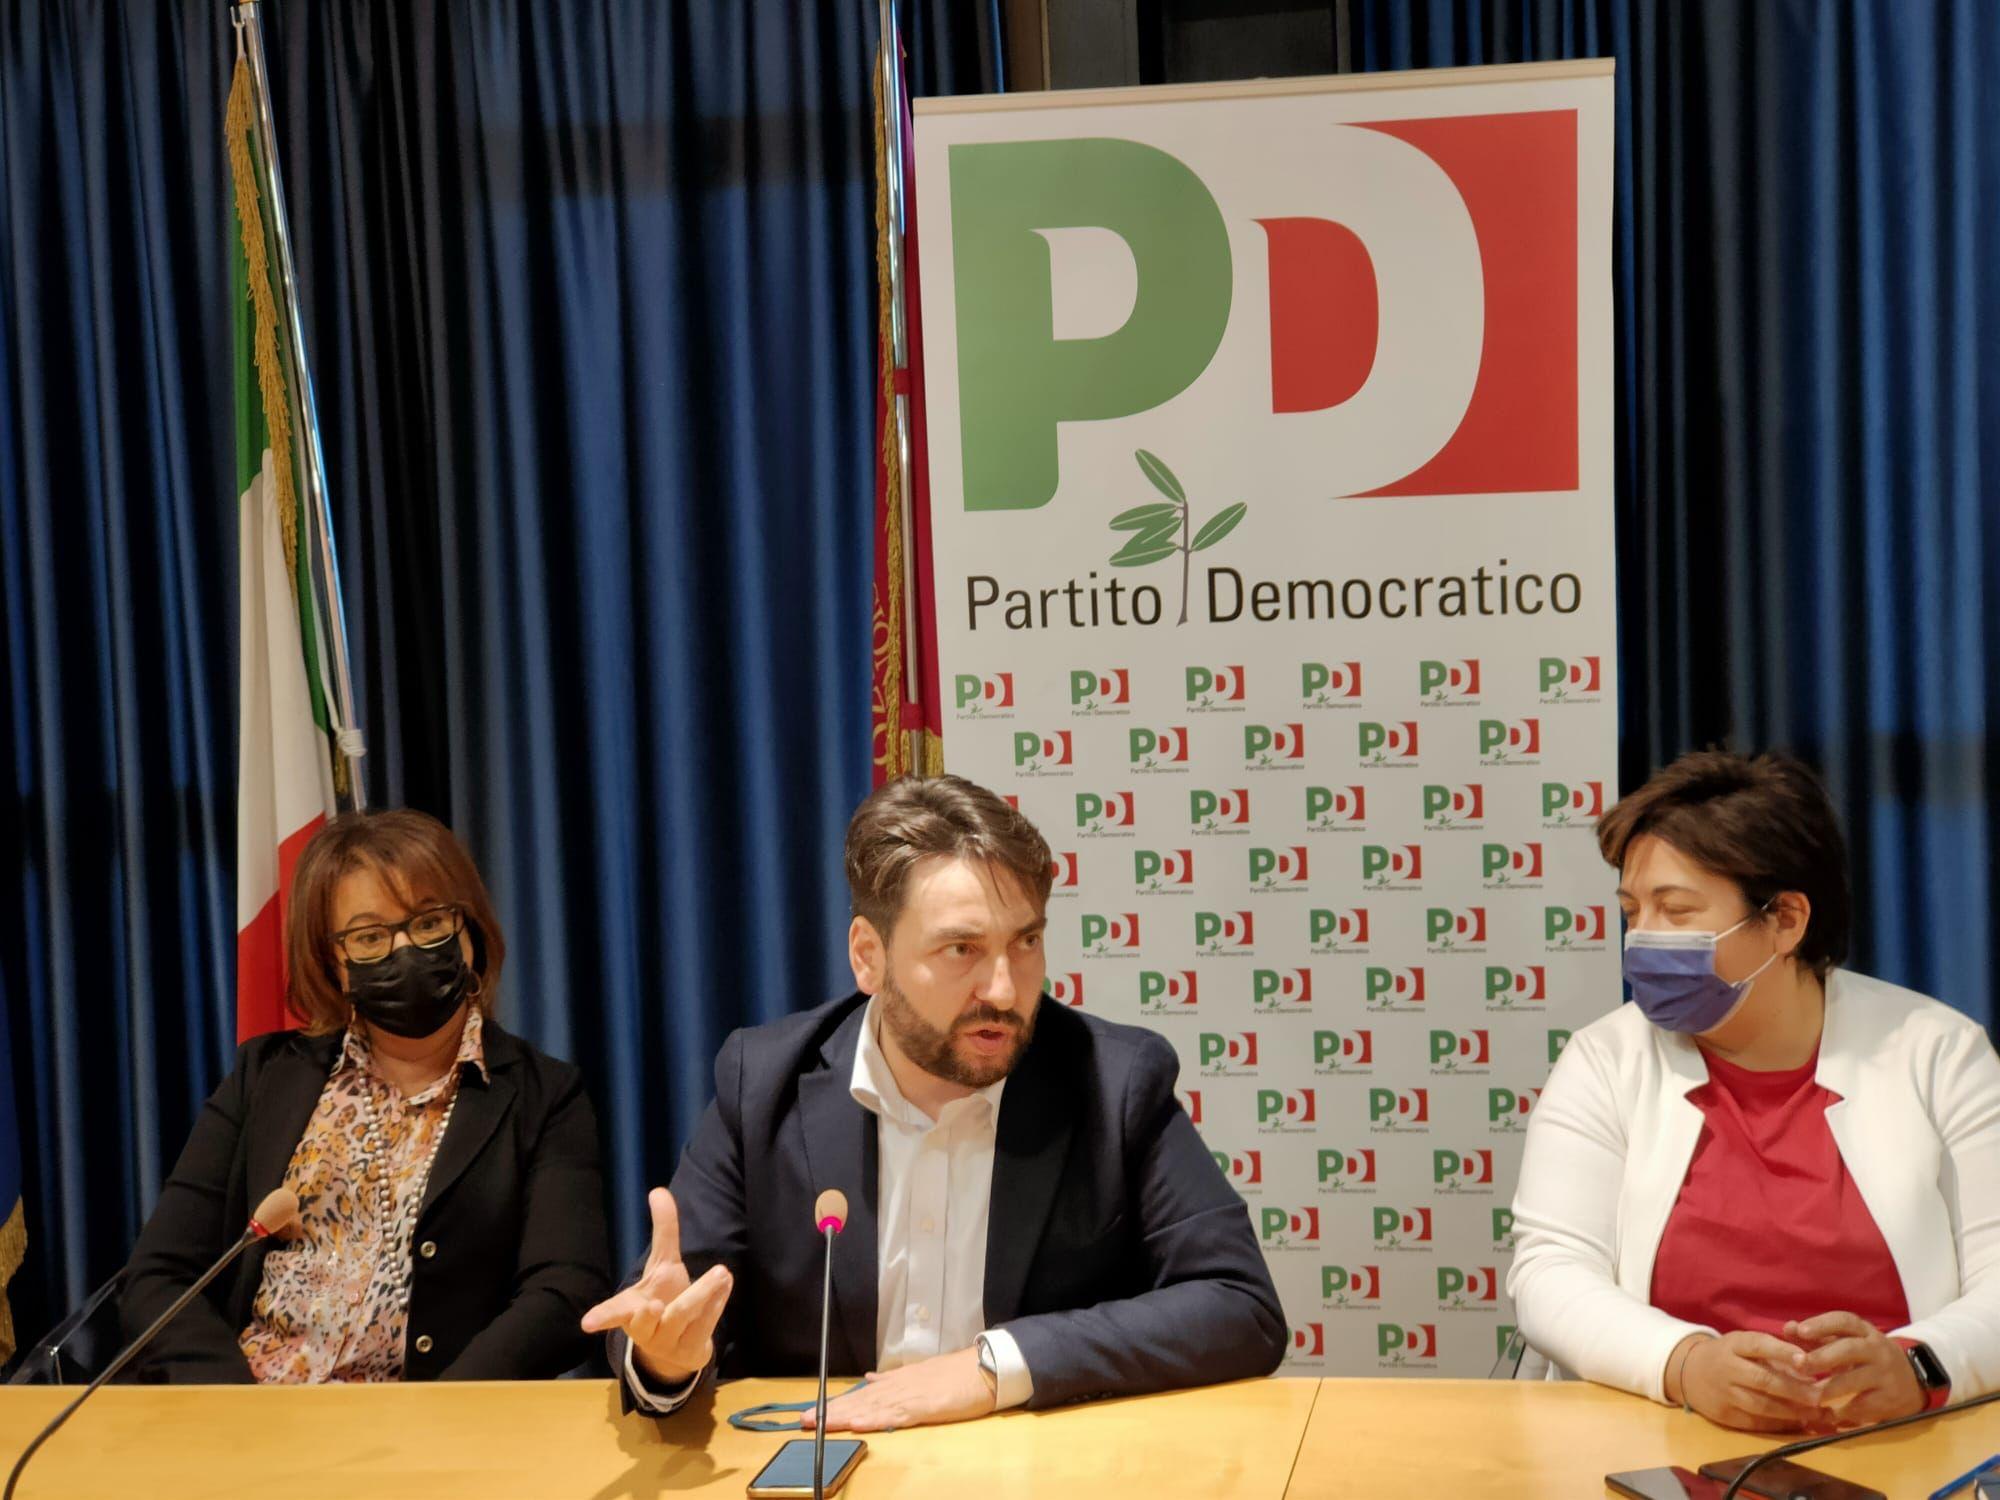 """Il PD Abruzzo dopo i ballottaggi, il segretario Fina: """"Vincono le città, c'è richiesta di costruzione di un'alternativa di centrosinistra nella nostra regione"""""""